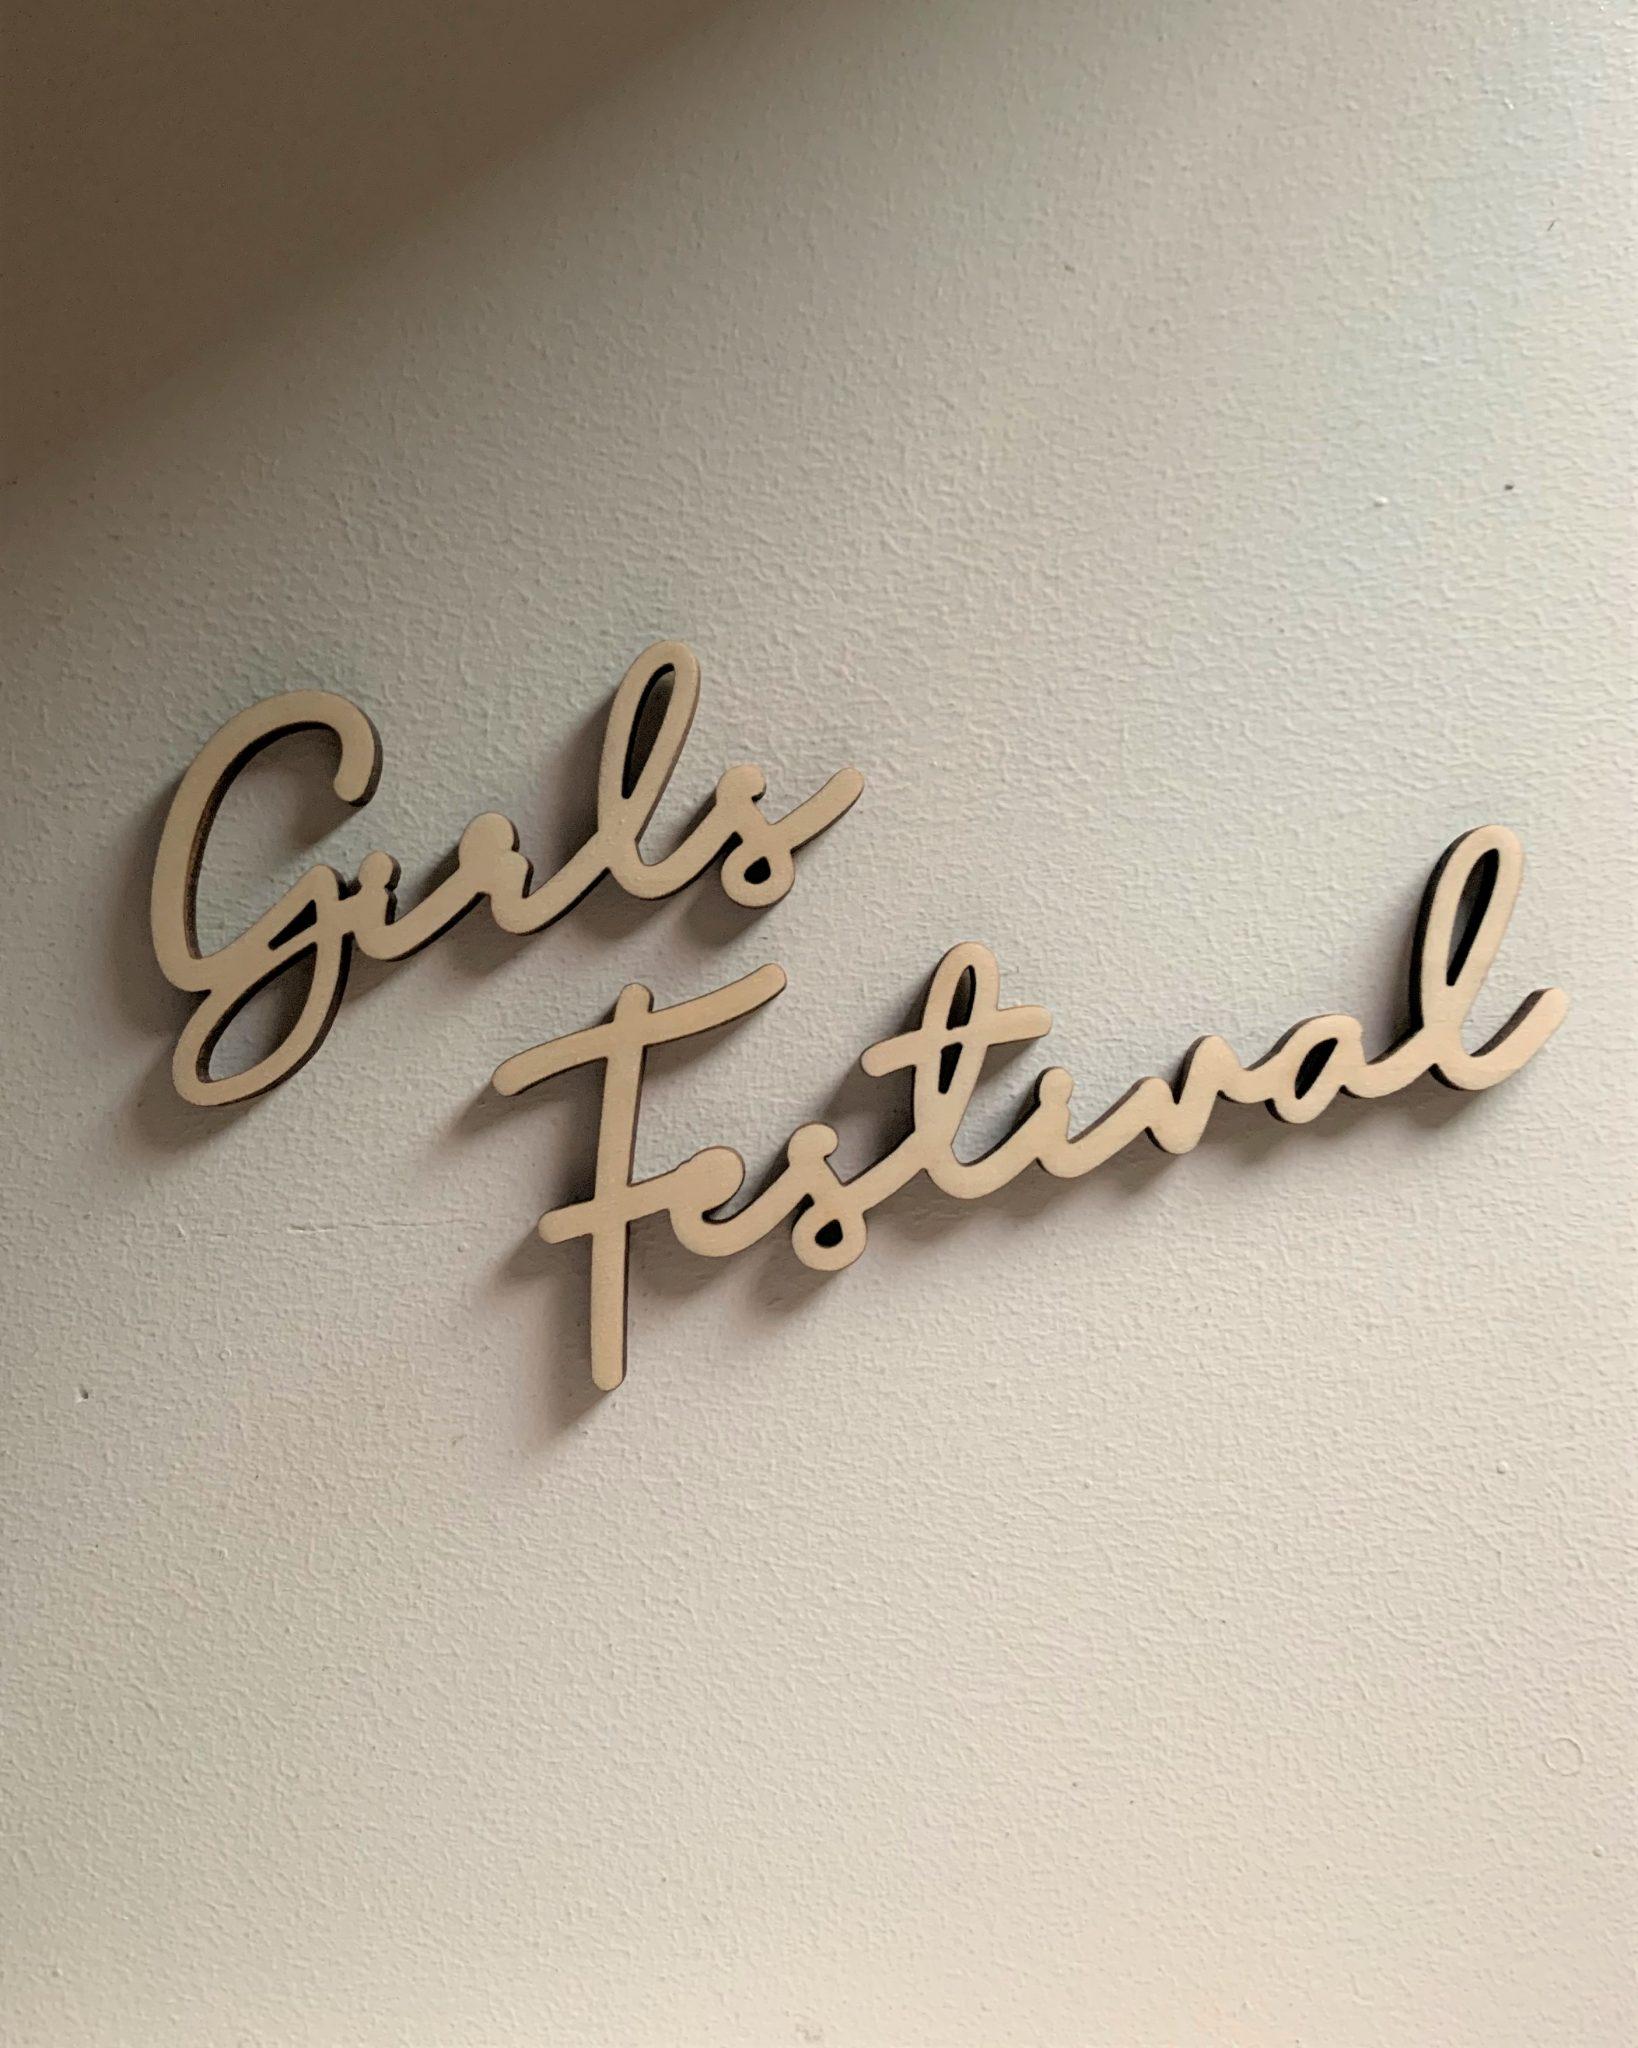 GirlsFestivalレターバナー